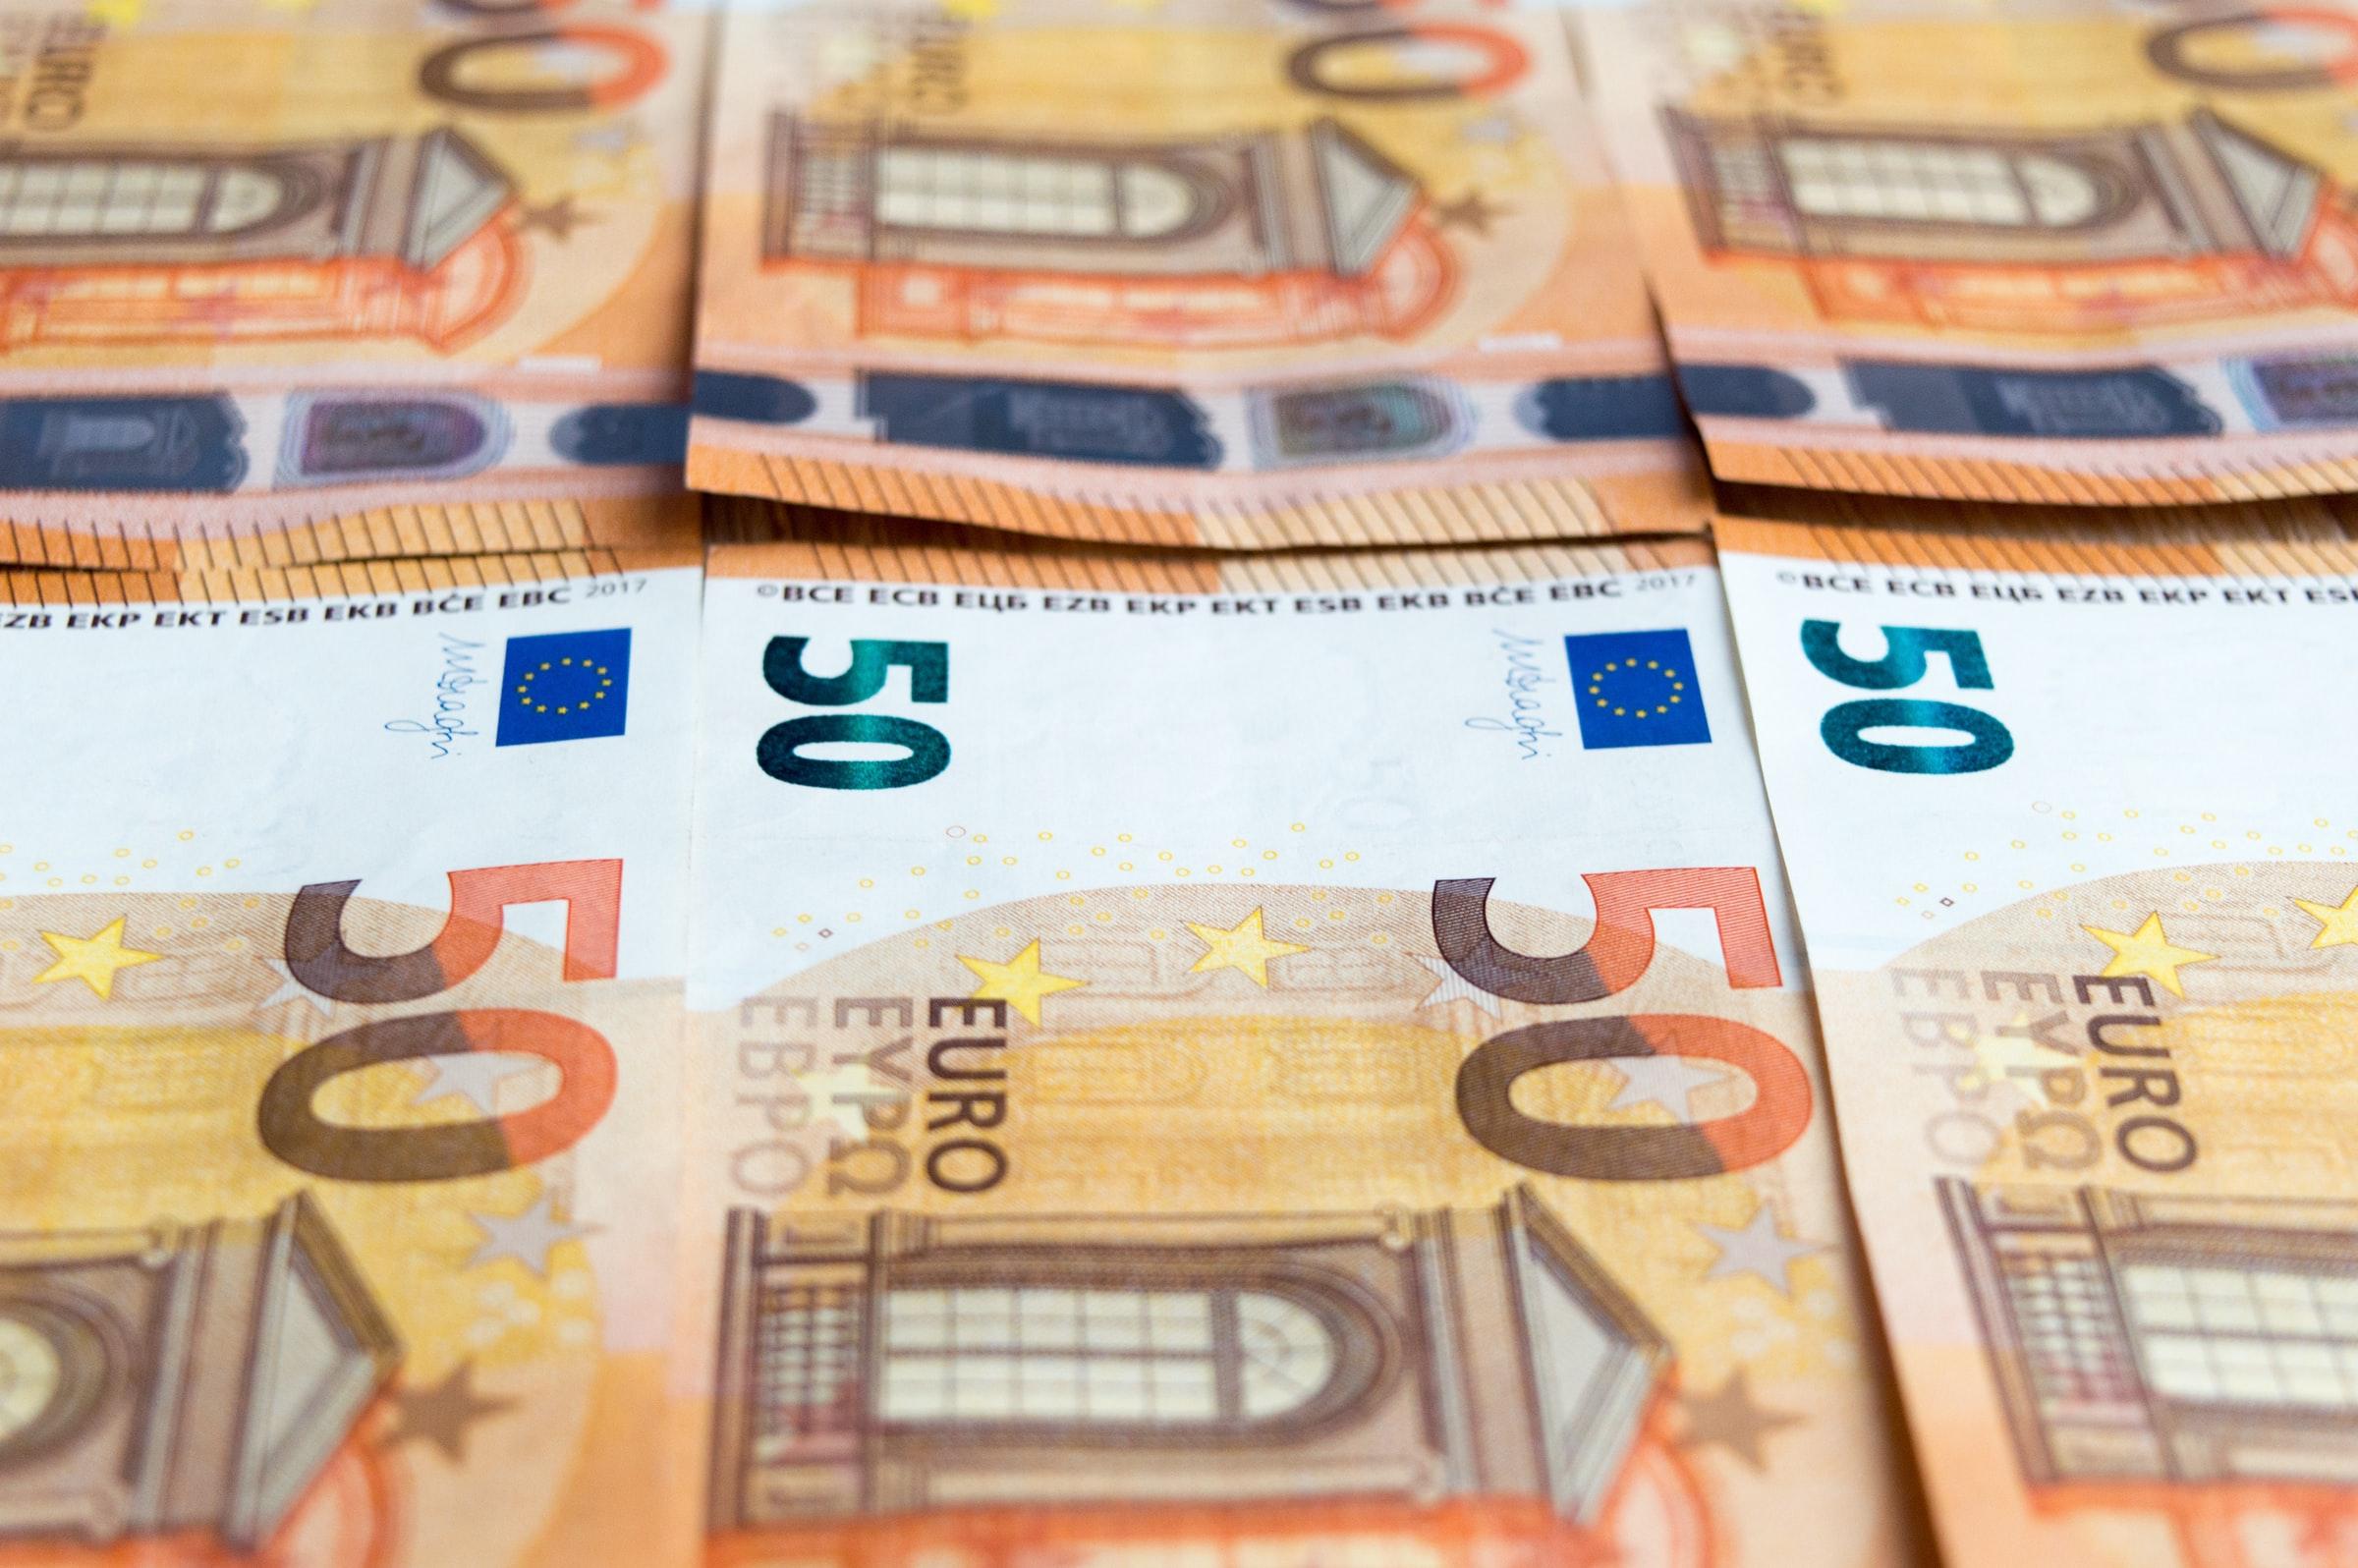 Organisierte Verbrecher können bei der Geldwäsche im Online Casino eine große Summe in kleine Beträge aufteilen